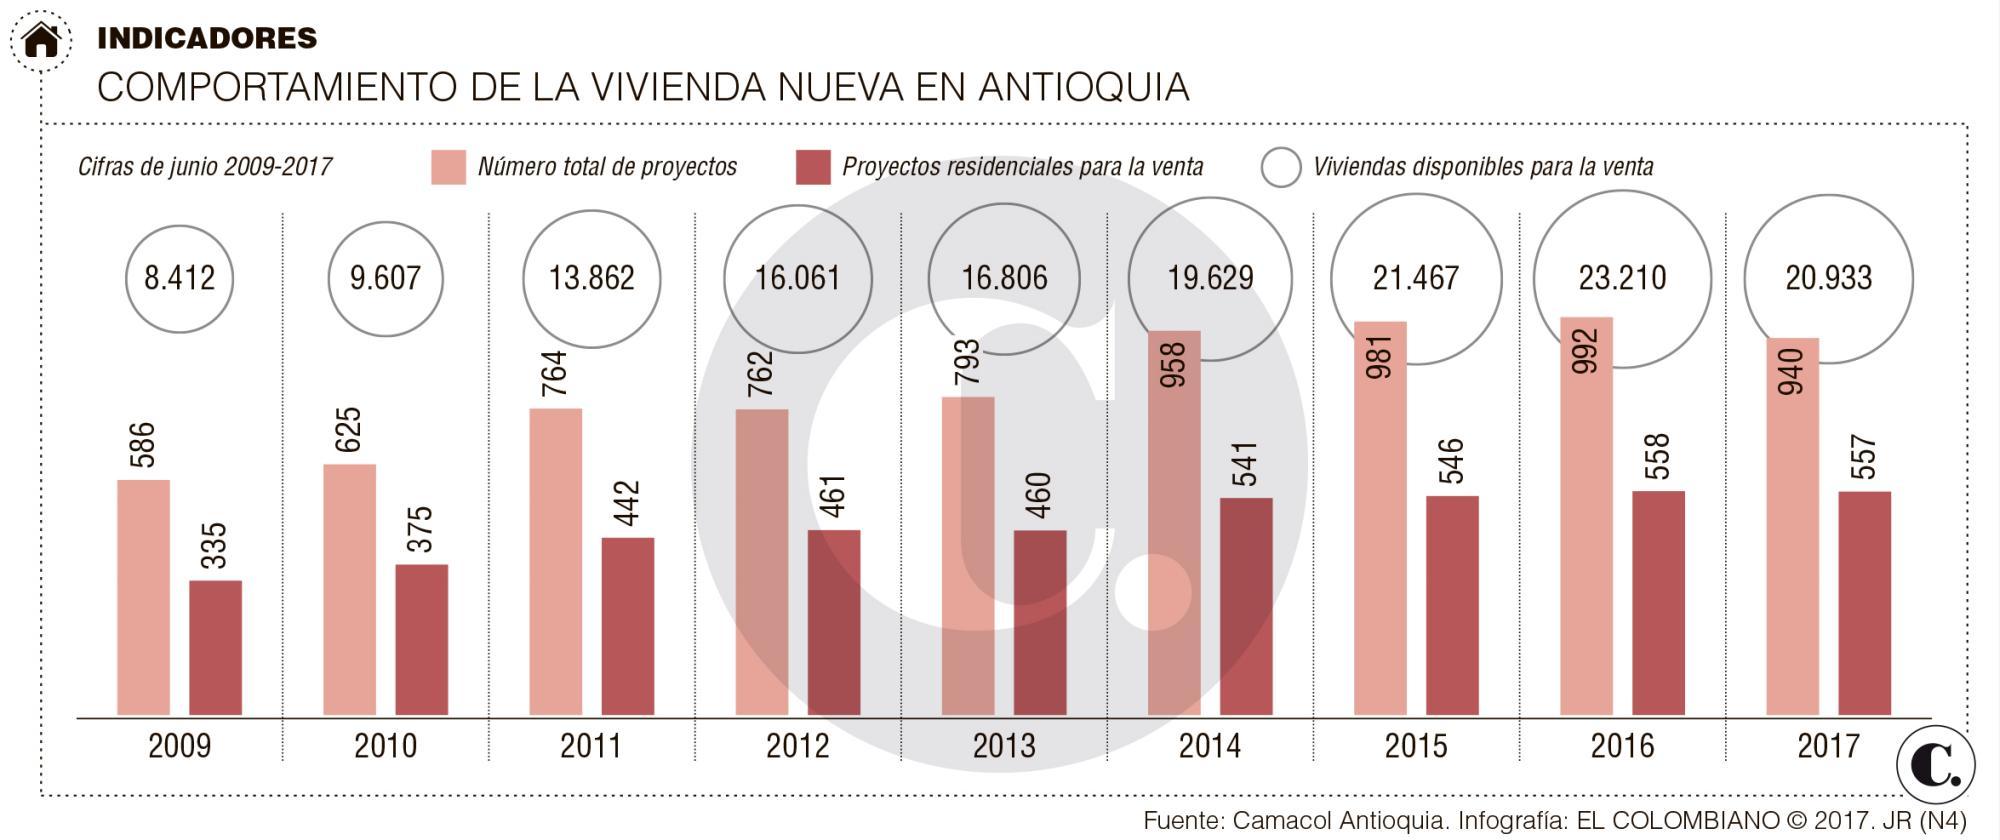 Baja oferta de vivienda nueva en Antioquia